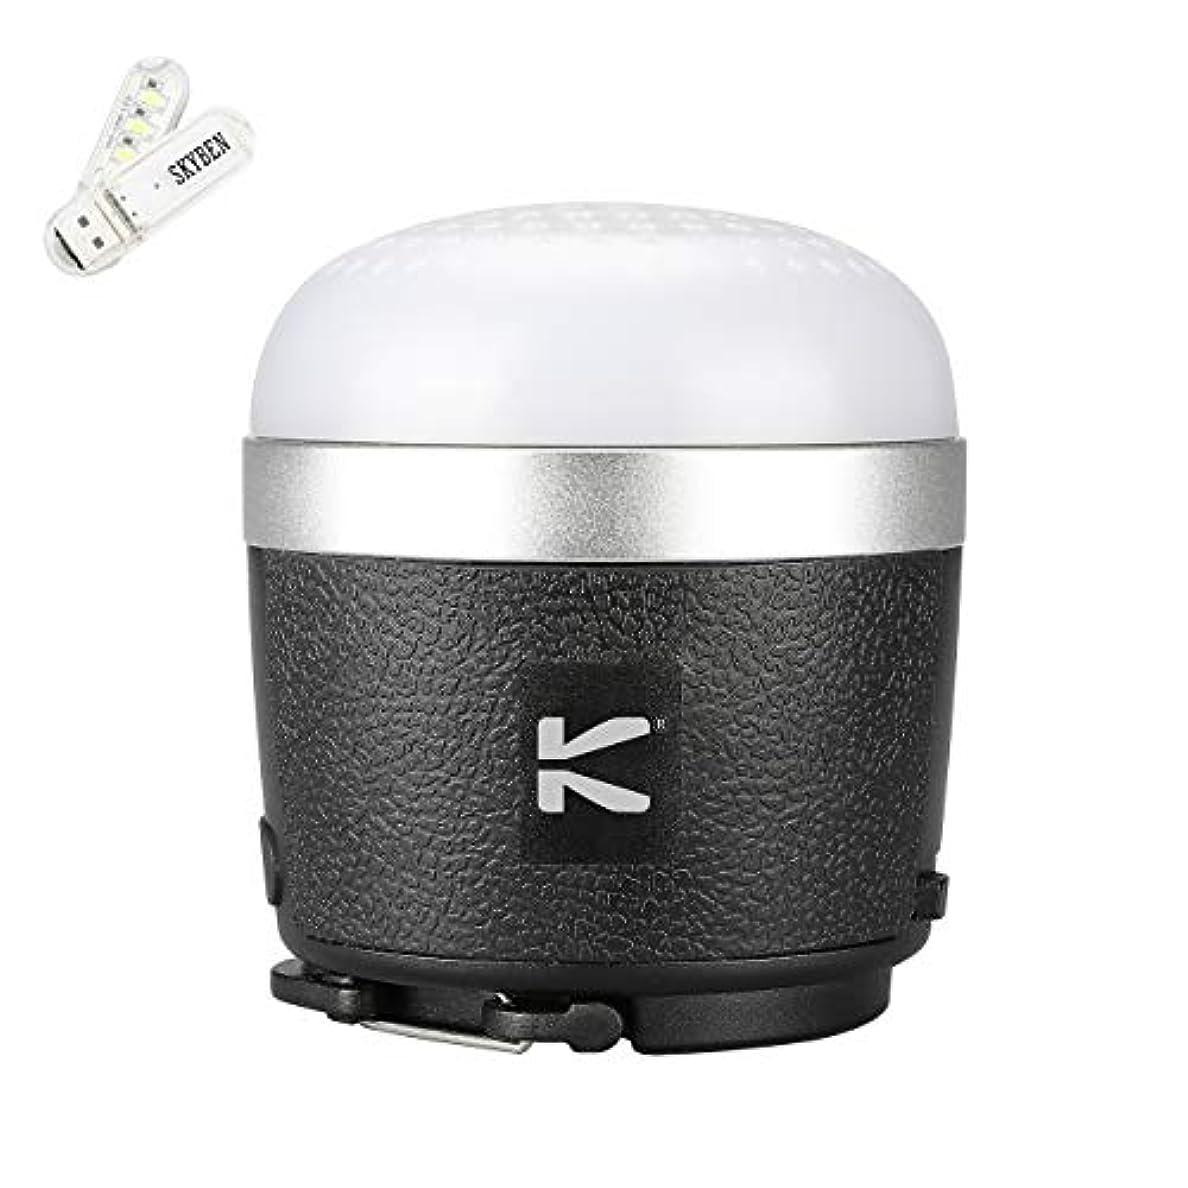 じゃない。昇るKLARUS CL1 LEDランタン USB充電式 モバイルバッテリー IPX4 防水&防塵 懐中電灯 マグネット式 アウトドア&防災用品 HIFI音質 オーディオ 【390ルーメン/連続点灯 157時間】